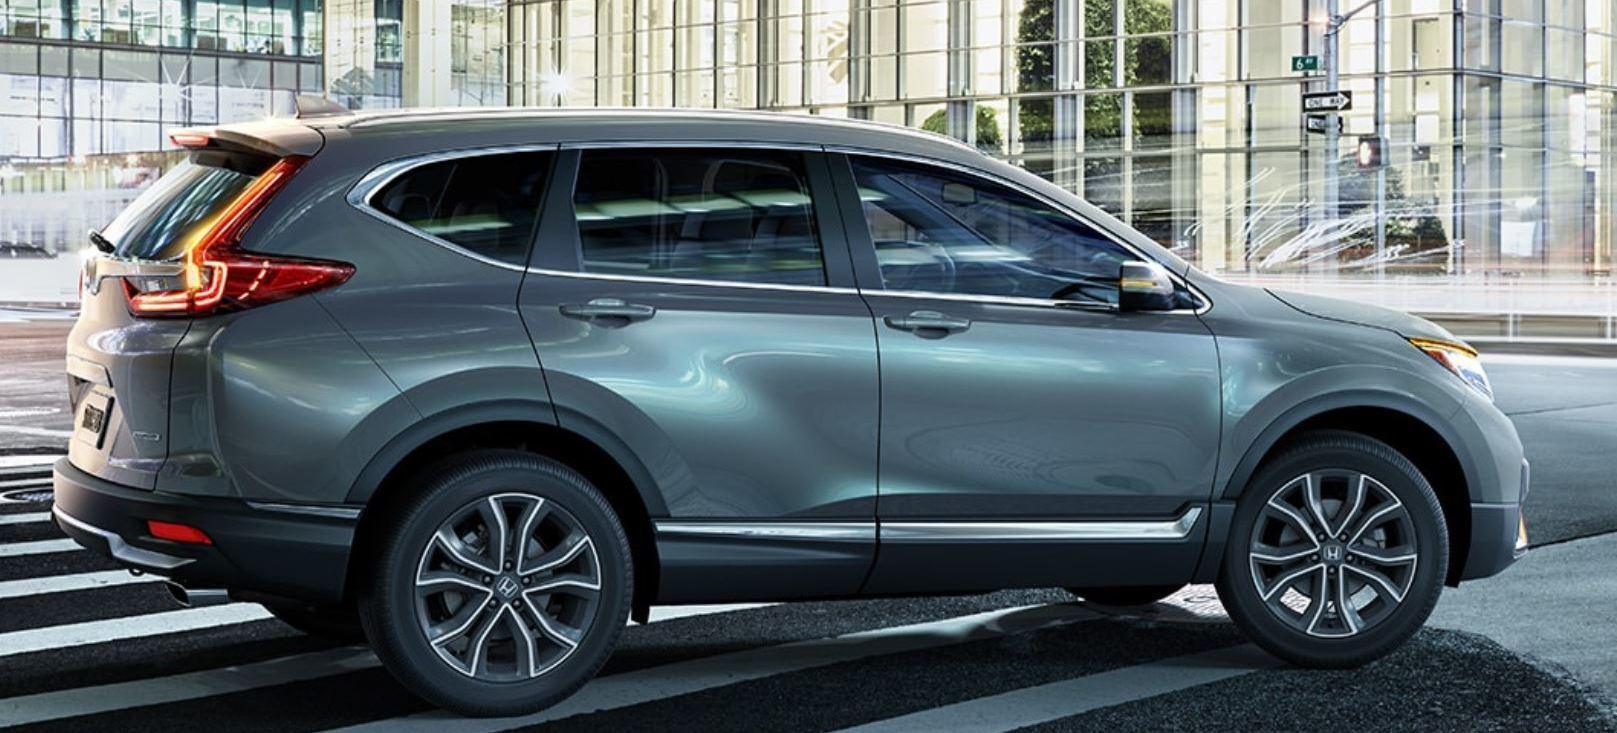 2020 Honda CR-V Leasing near Arlington, VA